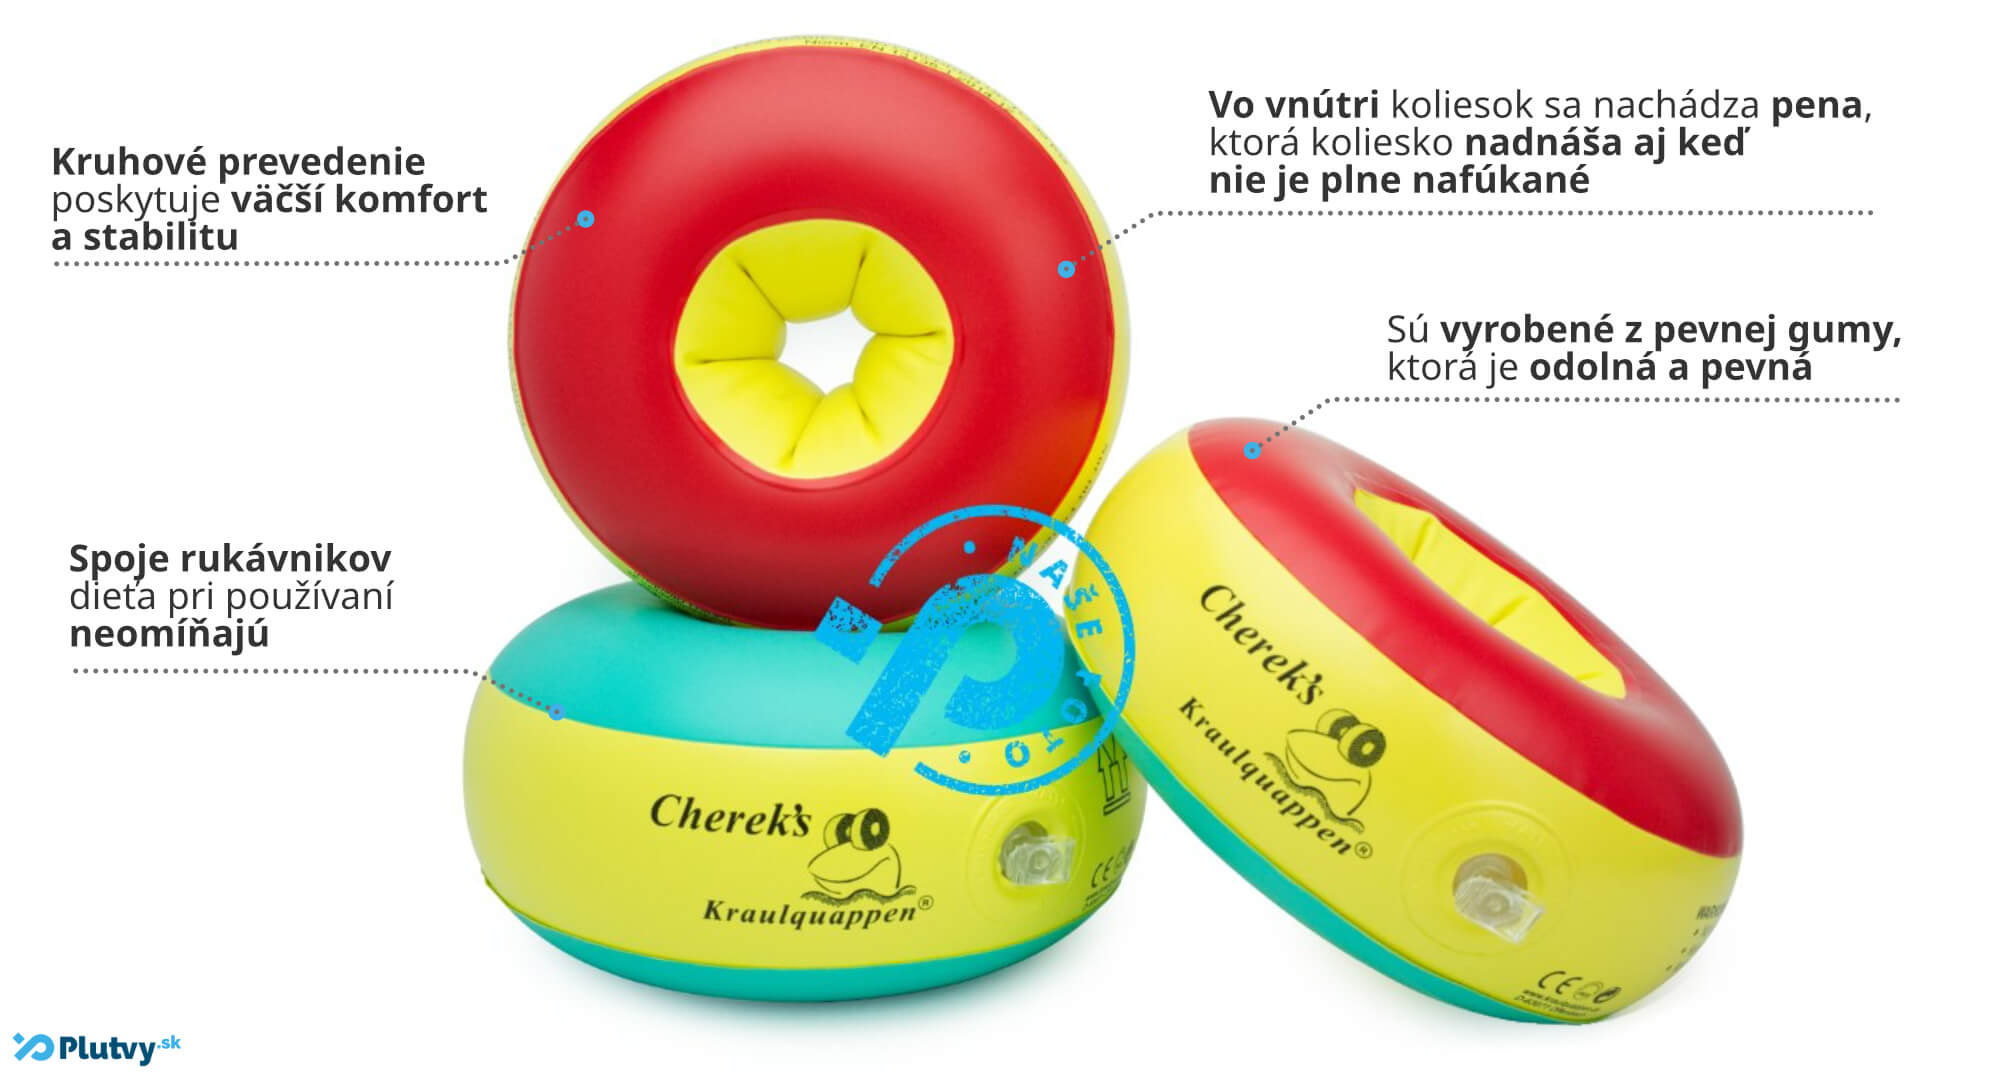 Nafukovacie kolieska na plávanie Cherek's pre deti v obchode Plutvy.sk v Bratislave